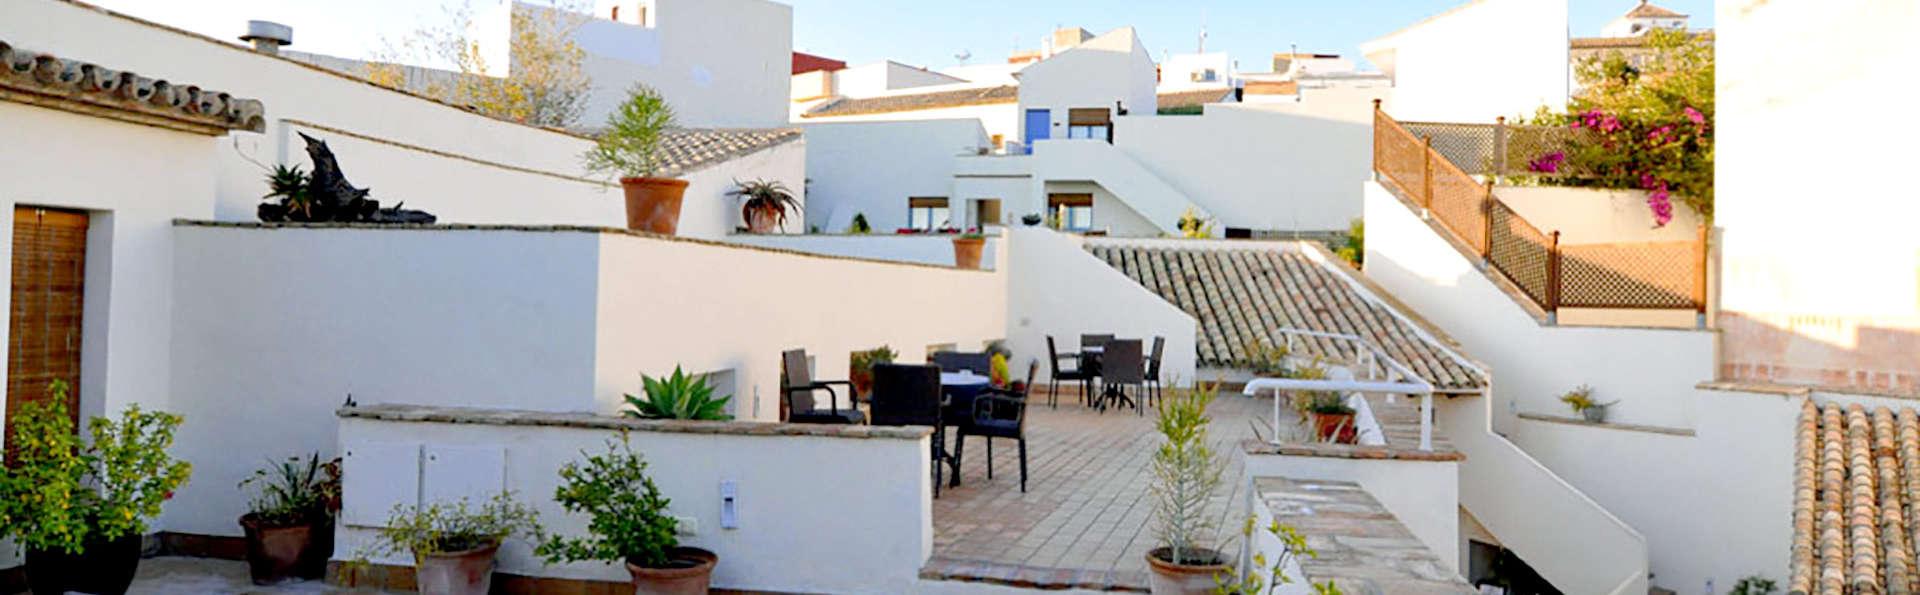 Especial Mini-Vacaciones : Disfruta del verano en el corazón de Andalucía con desayuno incluido